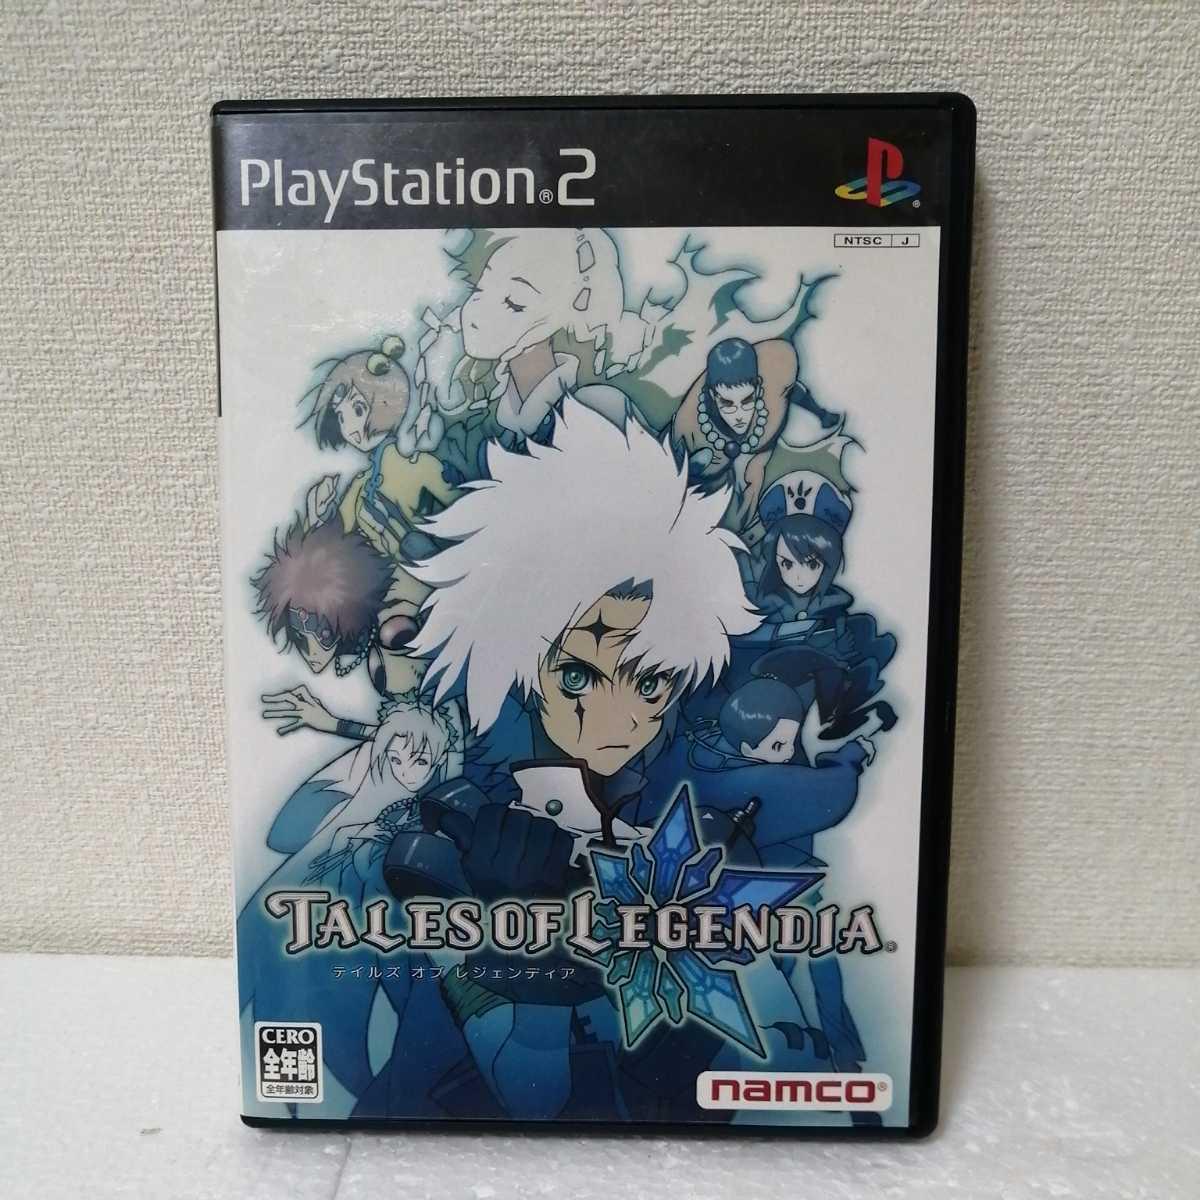 PS2 テイルズ オブ レジェンディア